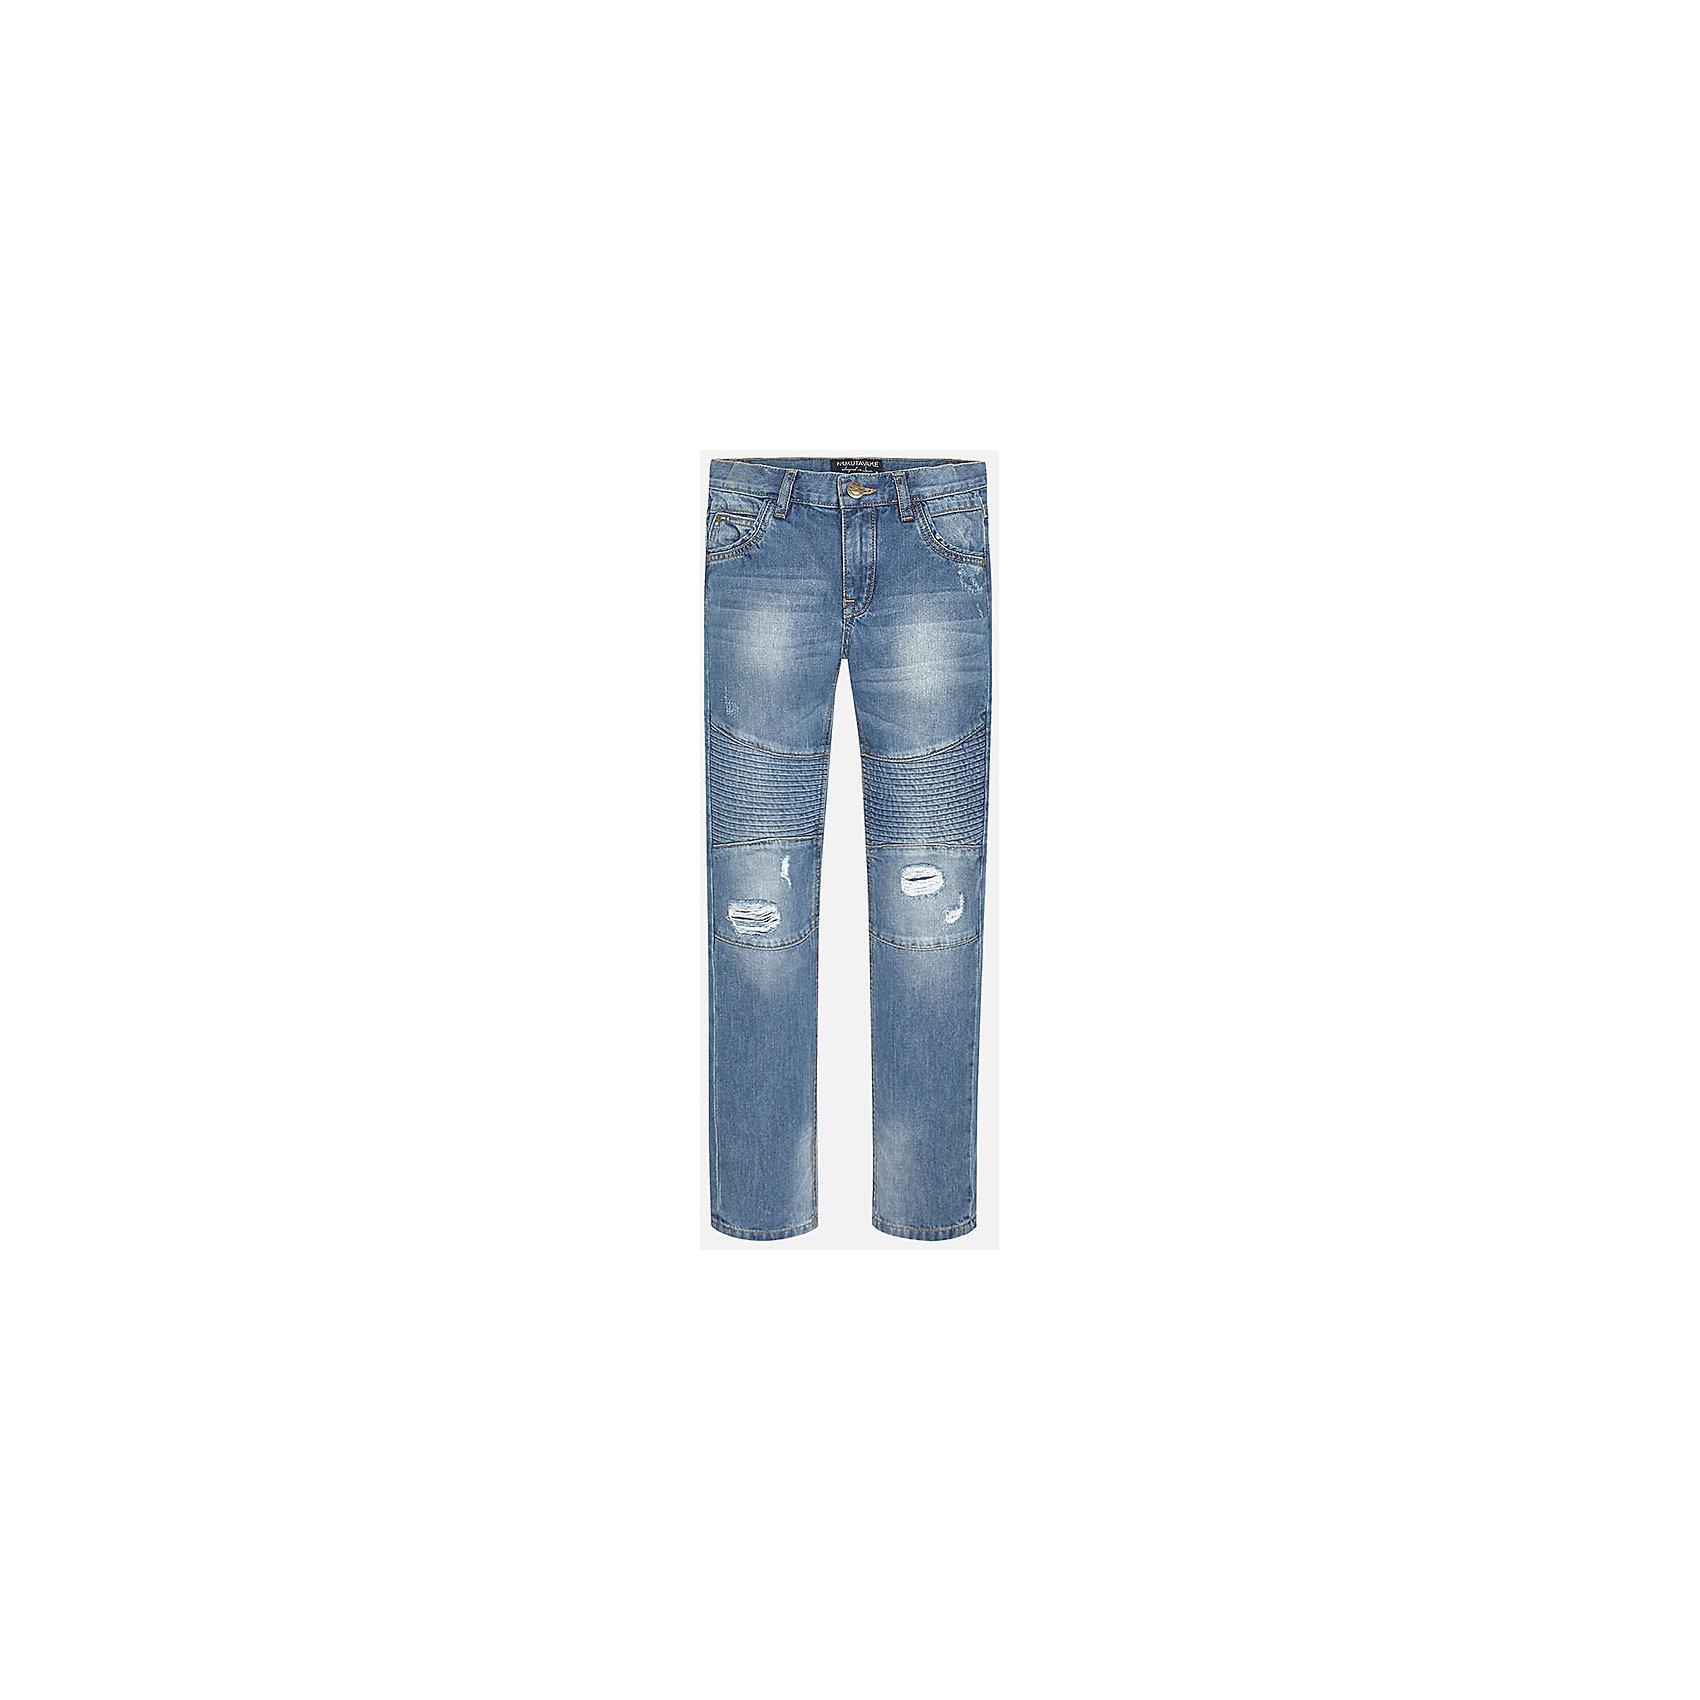 Джинсы для мальчика MayoralДжинсы для мальчика из коллекции осень-зима 2016-2017 известного испанского бренда Mayoral (Майорал). Стильные джинсы на каждый день приятного светло-синего цвета сделаны из хлопка. Модные детали дизайна и эффект «рваных штанов» придутся по вкусу вашему моднику. Брюки на молнии, имеют классические 5 карманов, прекрасно подойдут как к рубашкам, так и к футболкам.<br><br>Дополнительная информация:<br>- Силуэт прямой <br><br>Состав: 100% хлопок <br><br>Брюки для мальчика Mayoral (Майорал) можно купить в нашем интернет-магазине.<br><br>Подробнее:<br>• Для детей в возрасте: от 9 до 13 лет<br>• Номер товара: 4911444<br>Страна производитель: Китай<br><br>Ширина мм: 215<br>Глубина мм: 88<br>Высота мм: 191<br>Вес г: 336<br>Цвет: синий<br>Возраст от месяцев: 96<br>Возраст до месяцев: 108<br>Пол: Мужской<br>Возраст: Детский<br>Размер: 128/134,140/146,146/152,158/164,164/170,152/158<br>SKU: 4827183